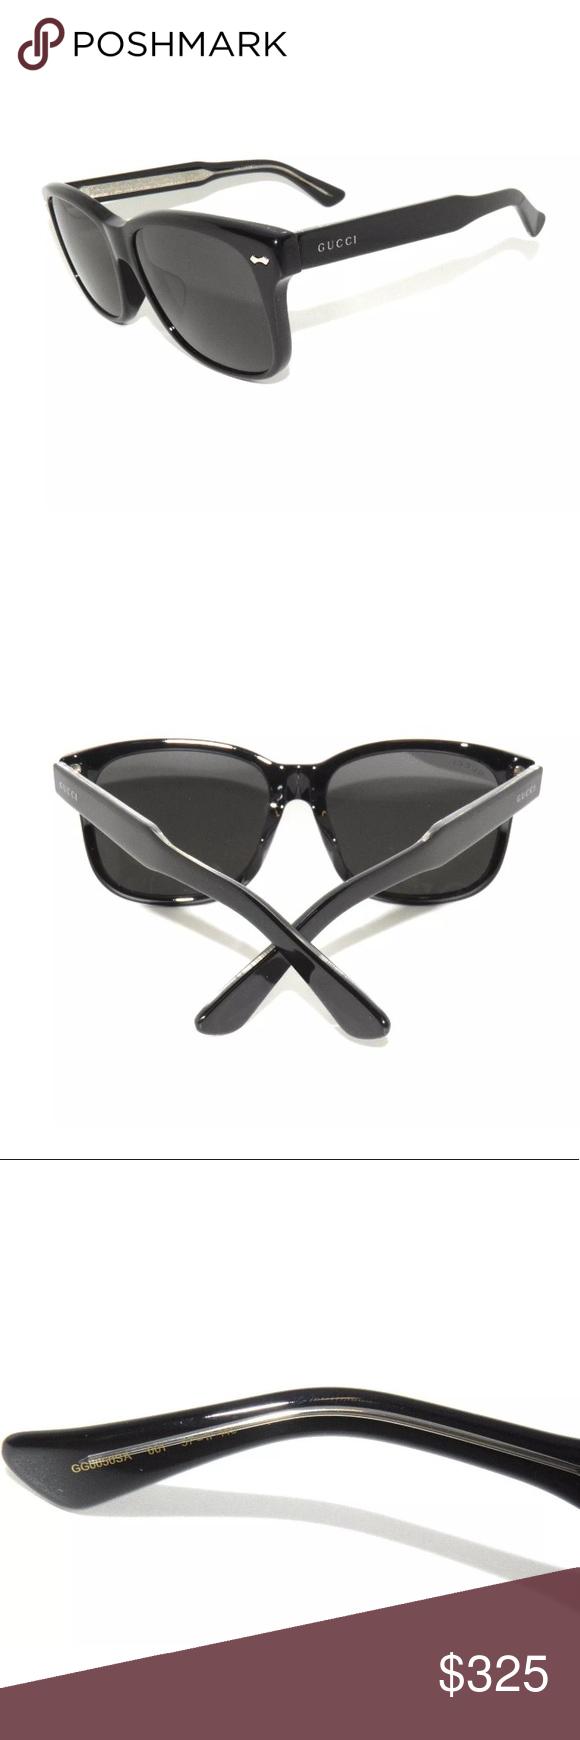 21fdf4968d4 Brand new Gucci Sunglasses 0050 Black Brand new Comes with all accessories  Authentic Gucci Accessories Sunglasses